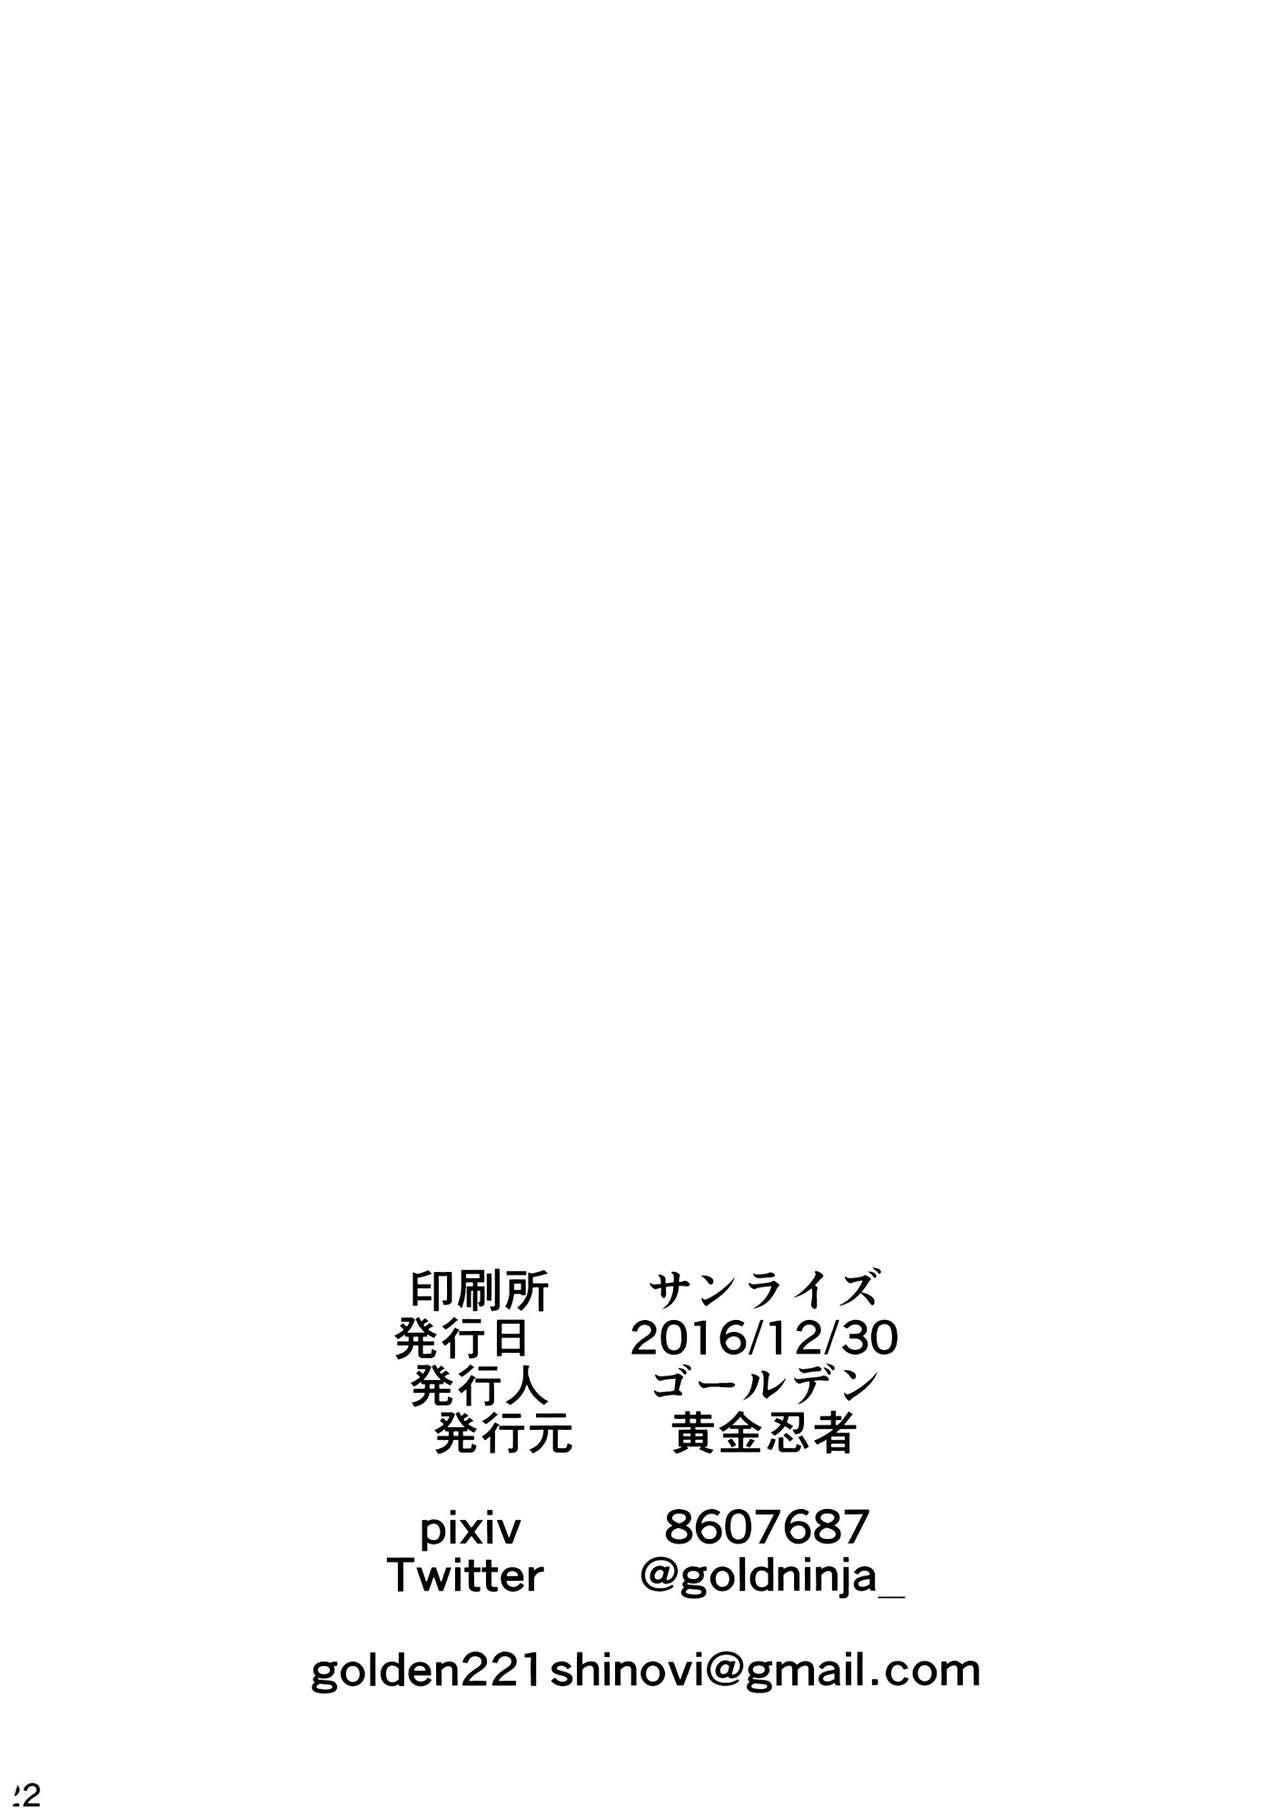 Pravda Koukou Tokubetsu Ouenshitsu 21